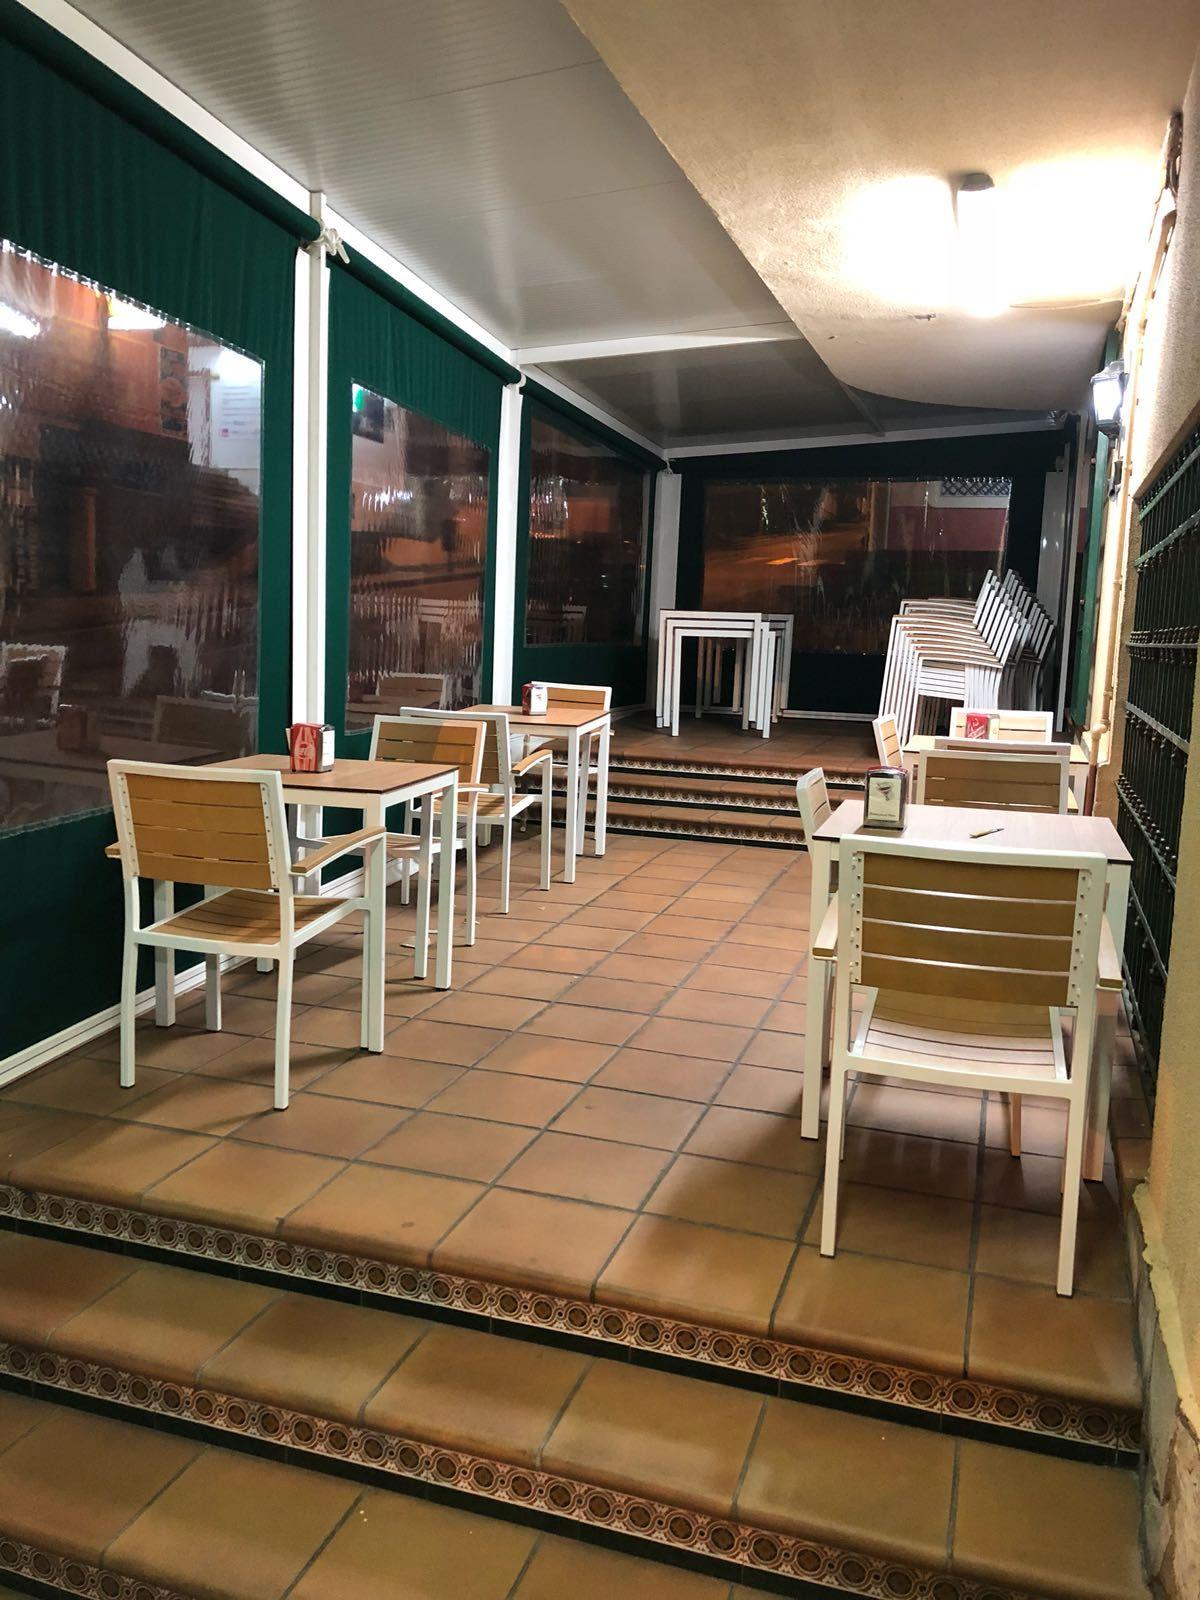 Restaurante de comida casera en Algeciras